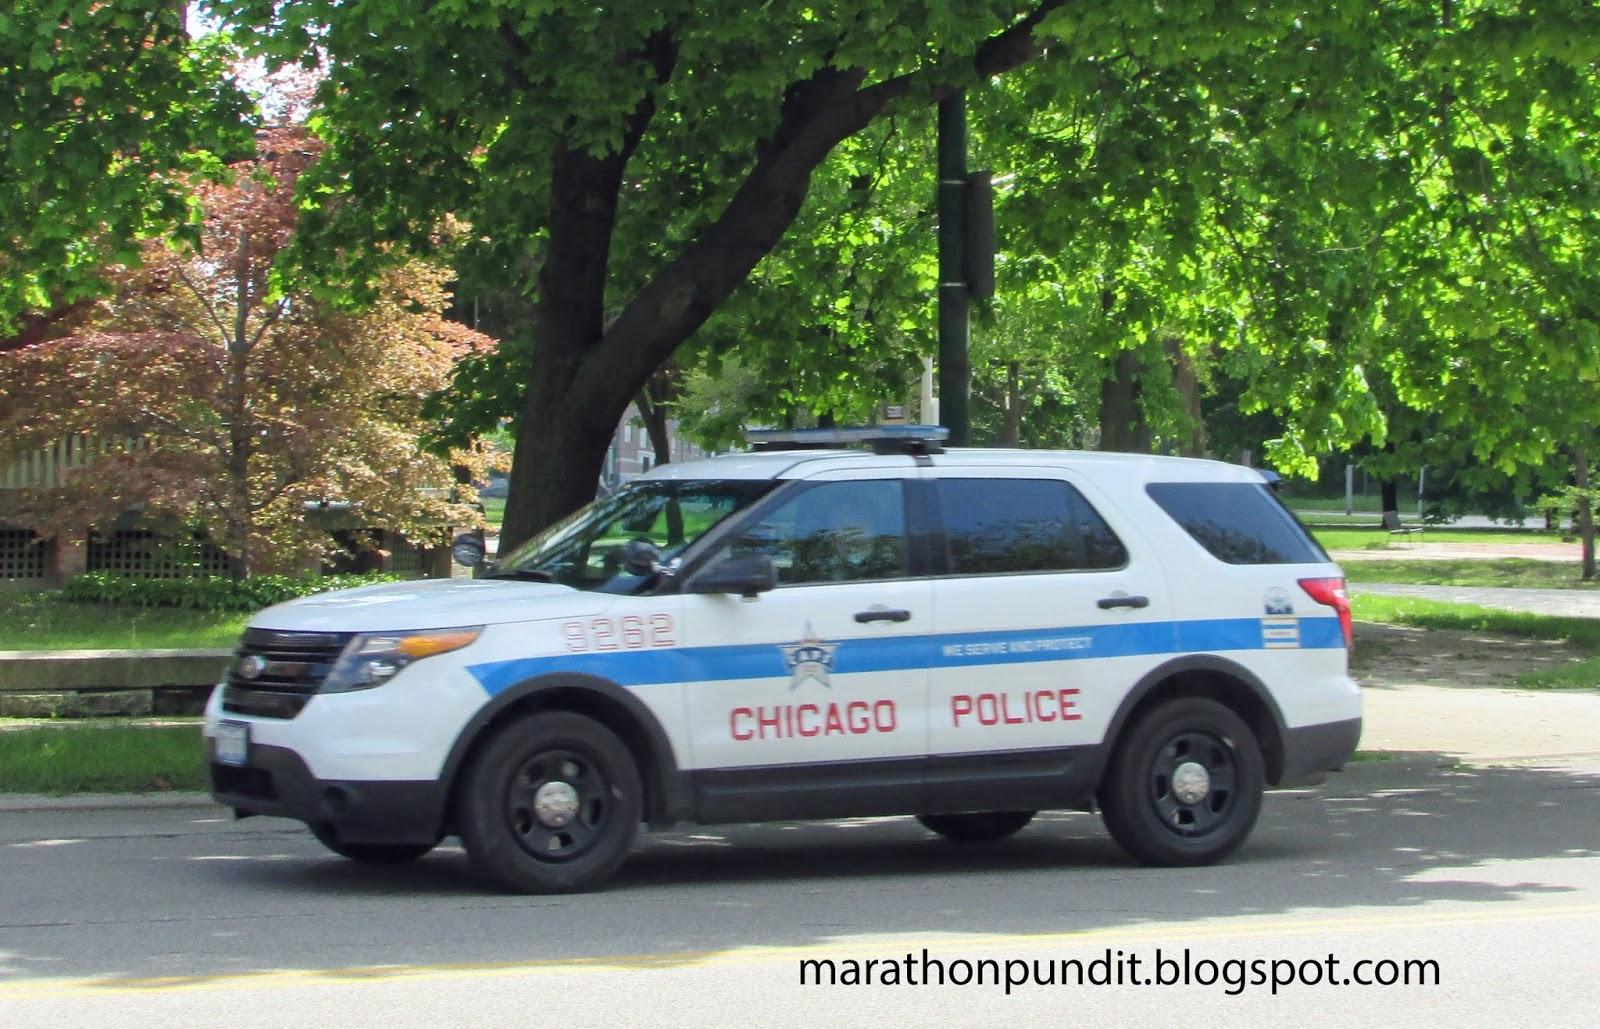 Marathon Pundit: Chicago alderman arrested for filing false police